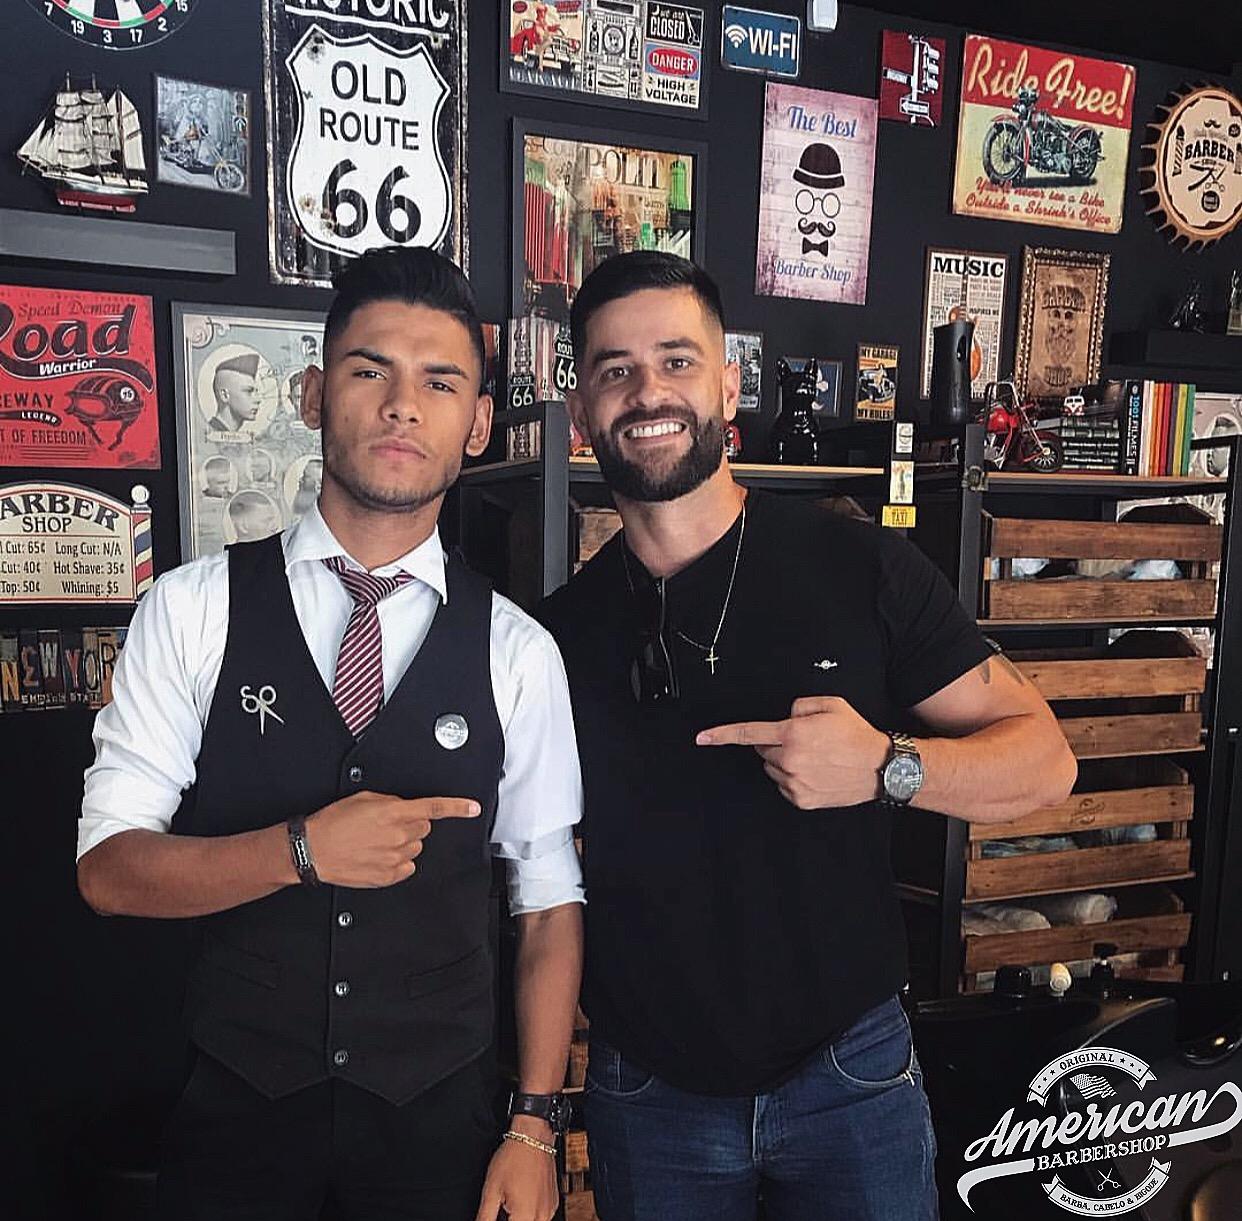 American Barbershop 08